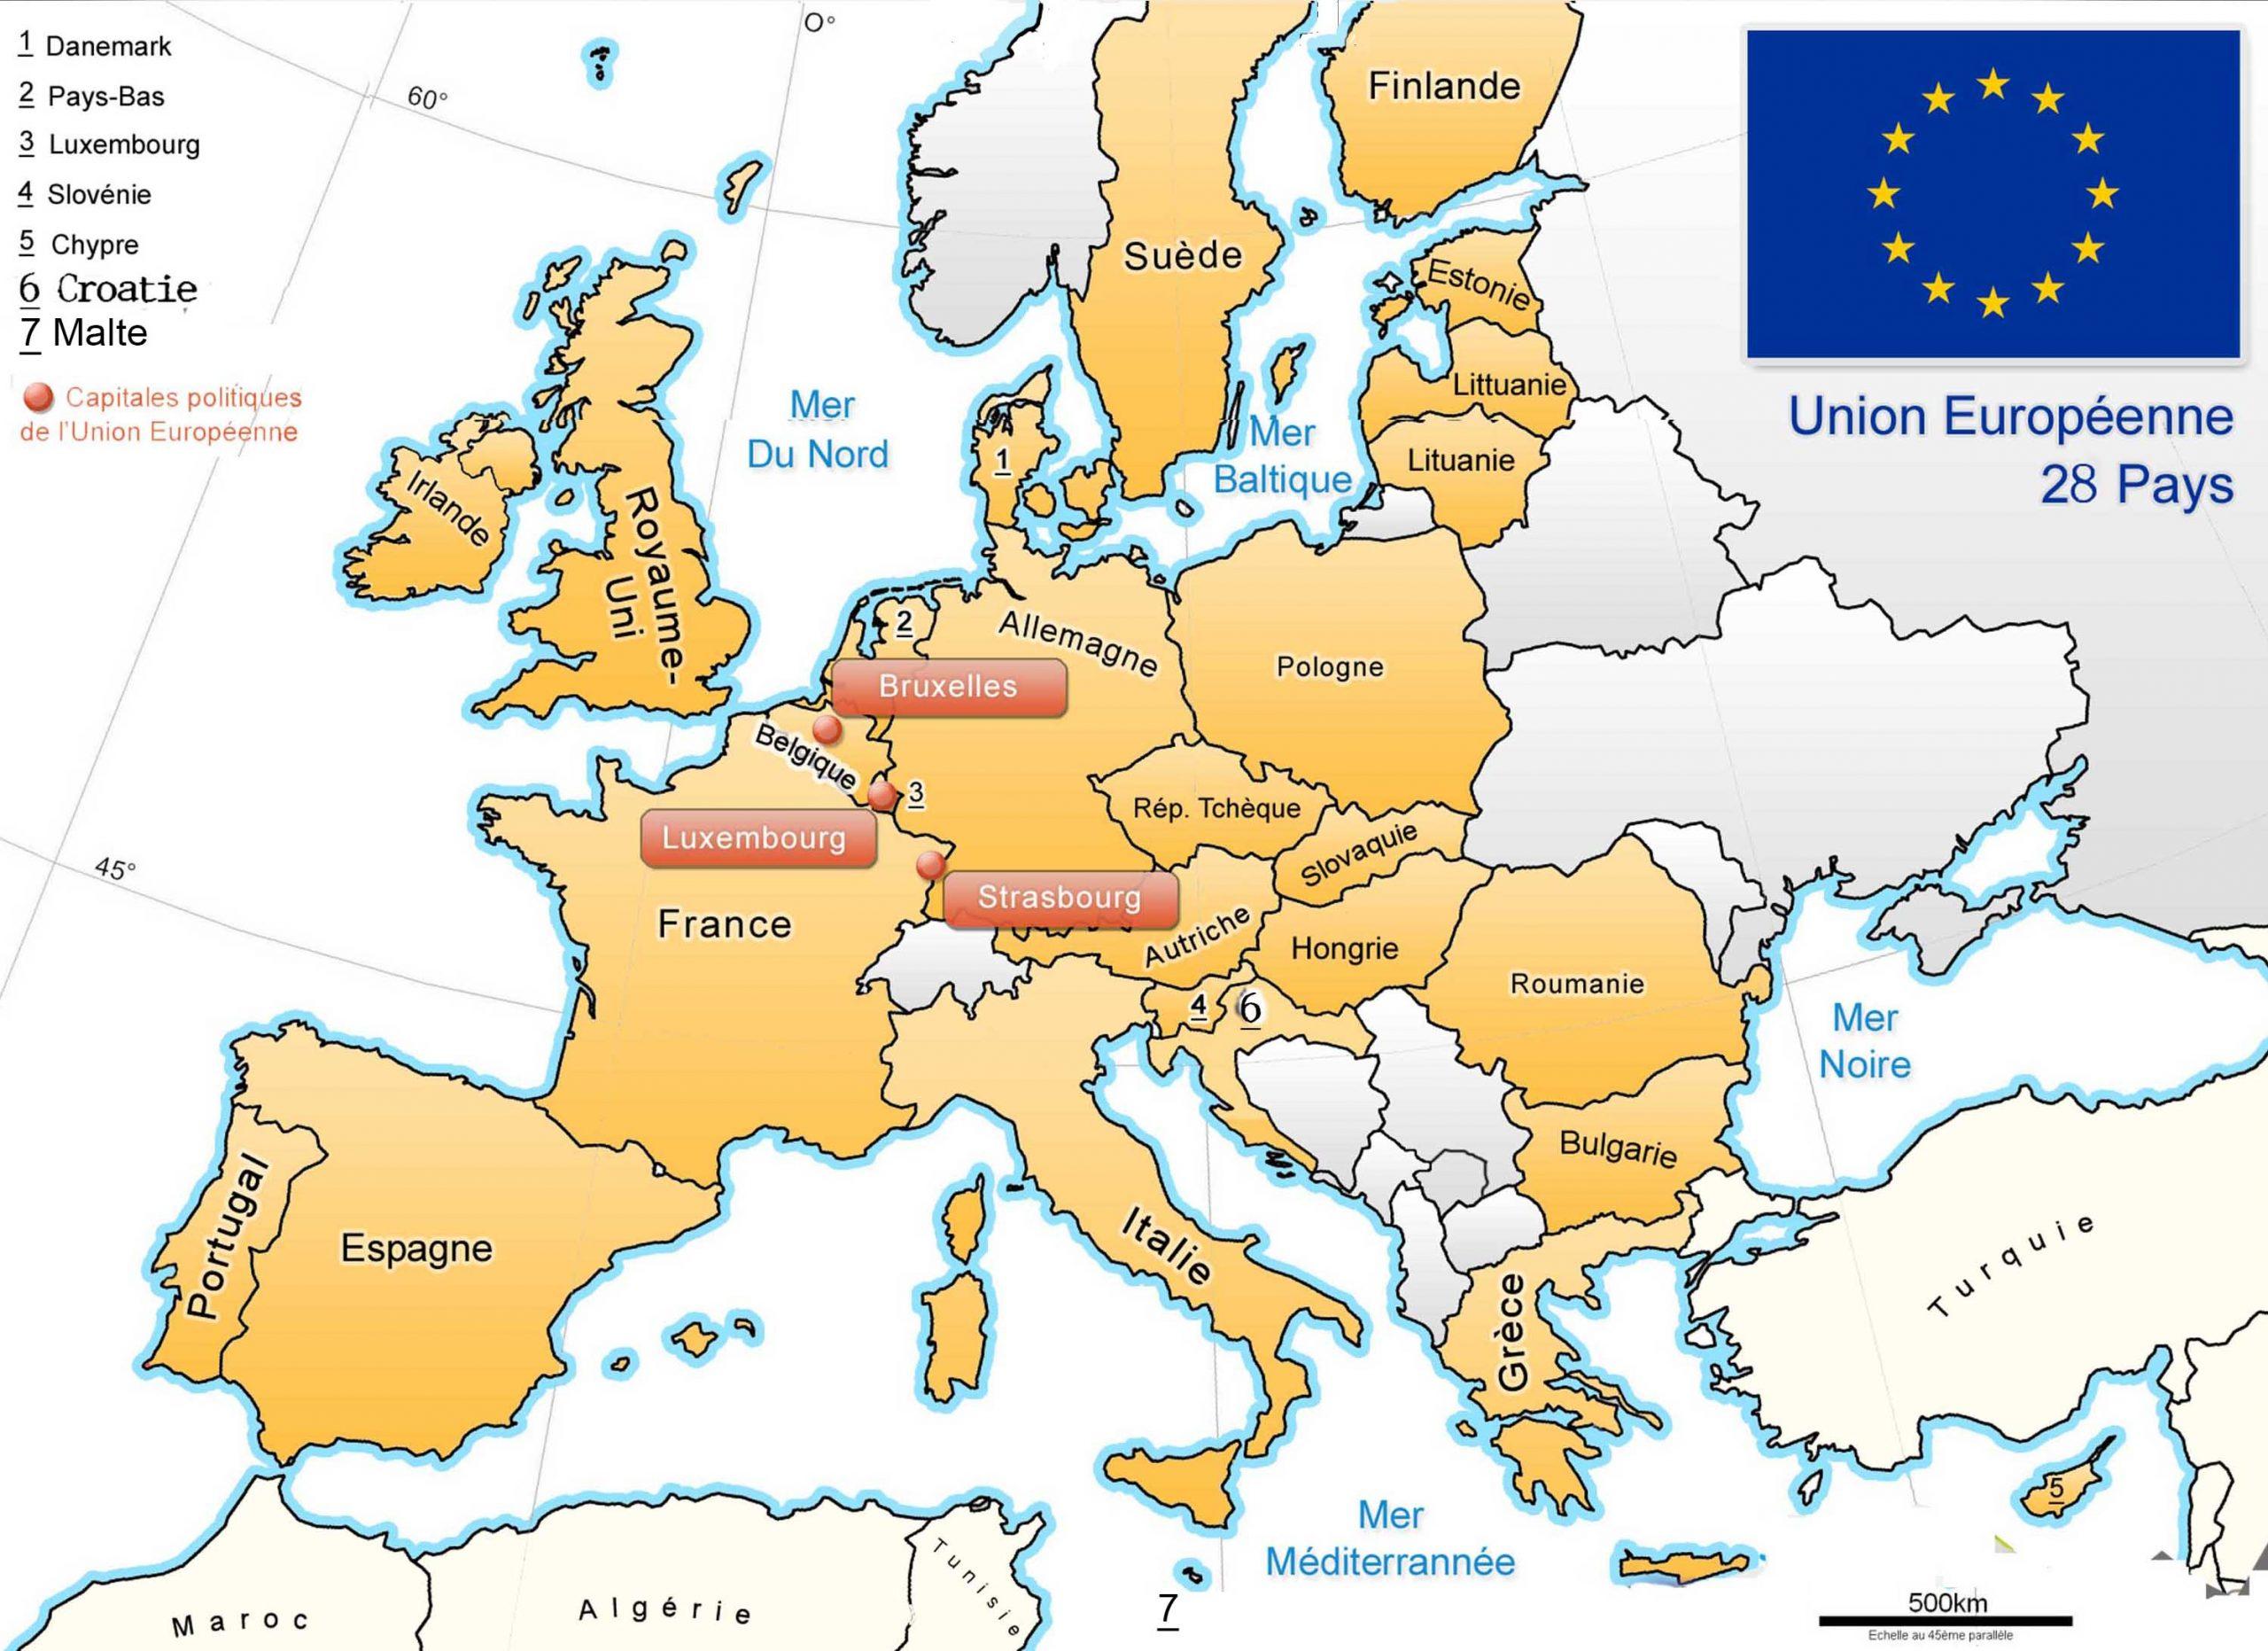 Apprendre À Placer Les Pays De L' Union Européenne - Le Blog dedans Carte De L Europe Capitales